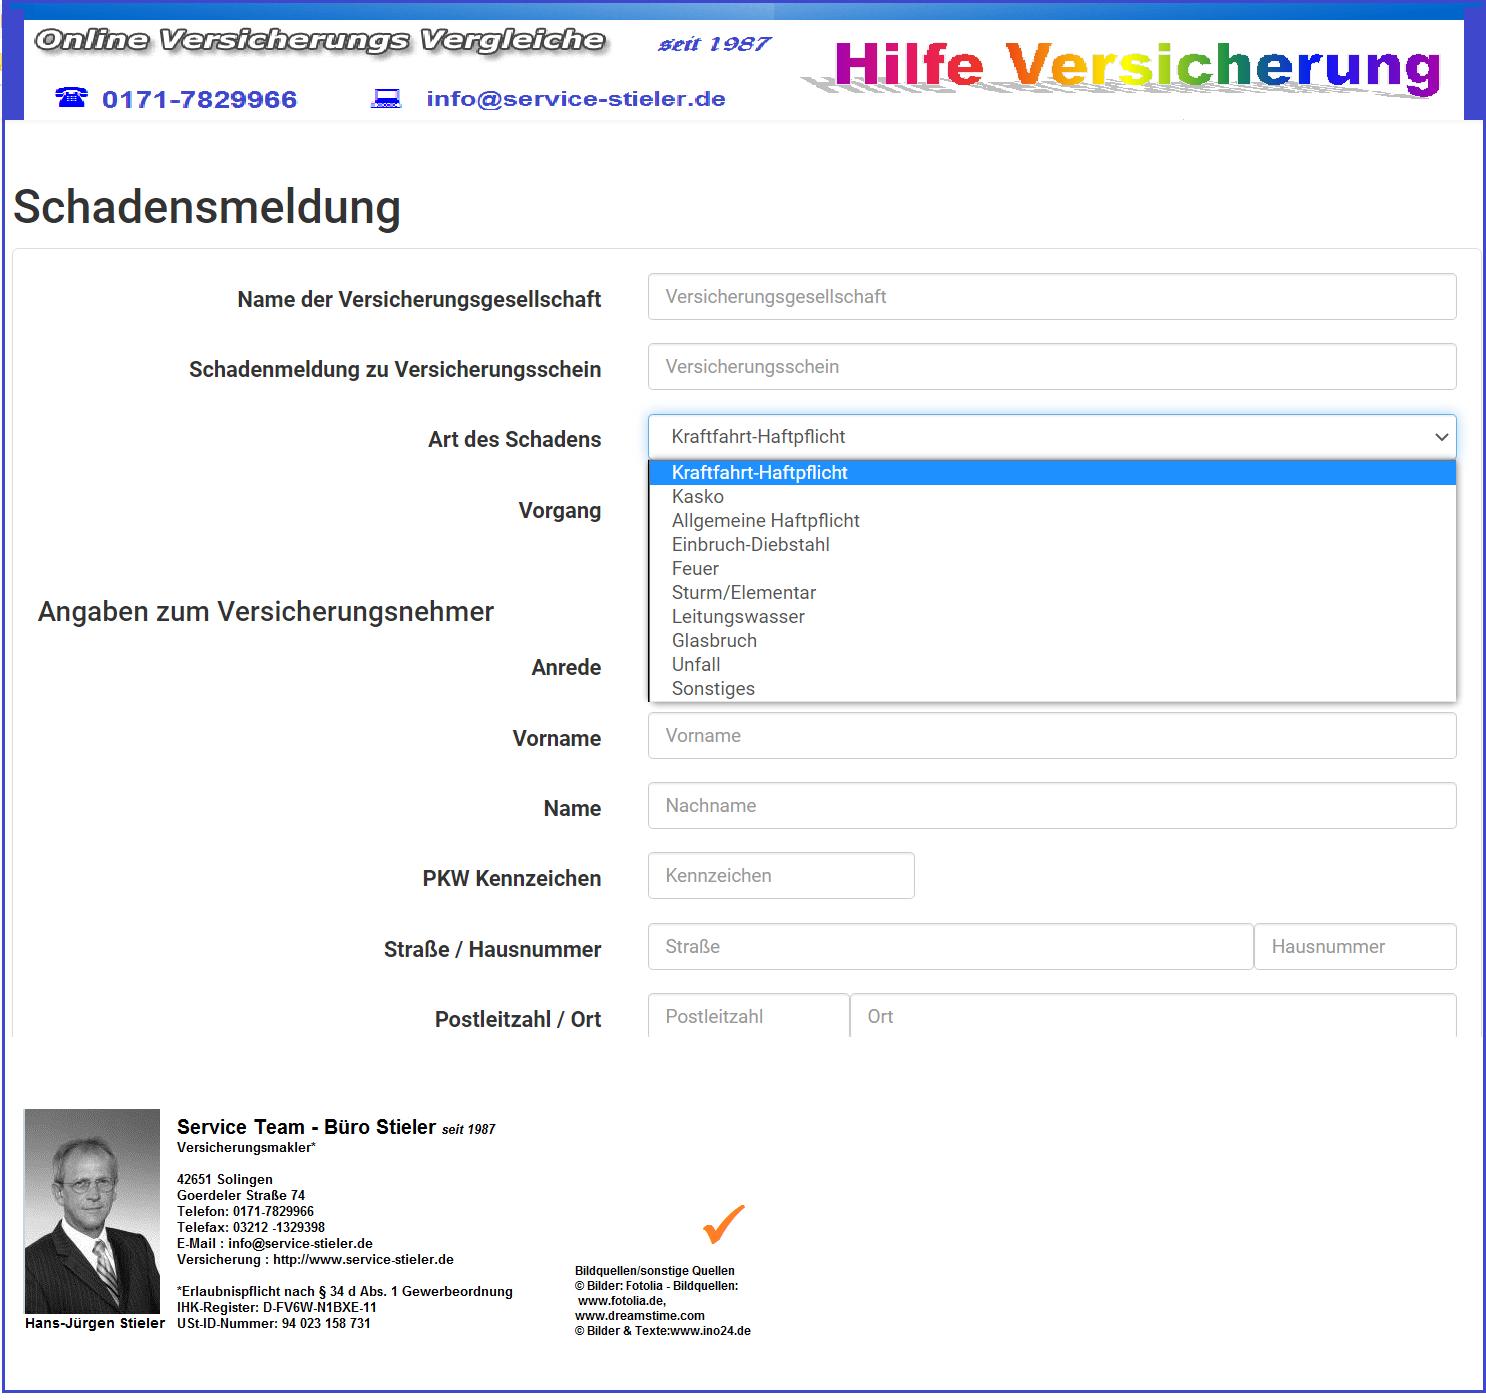 #Schadensmeldung #Schaden #Meldung #Versicherungsschaden #Schadensservice #Hilfe http://www.ekv24.de/Schadensmeldung.html